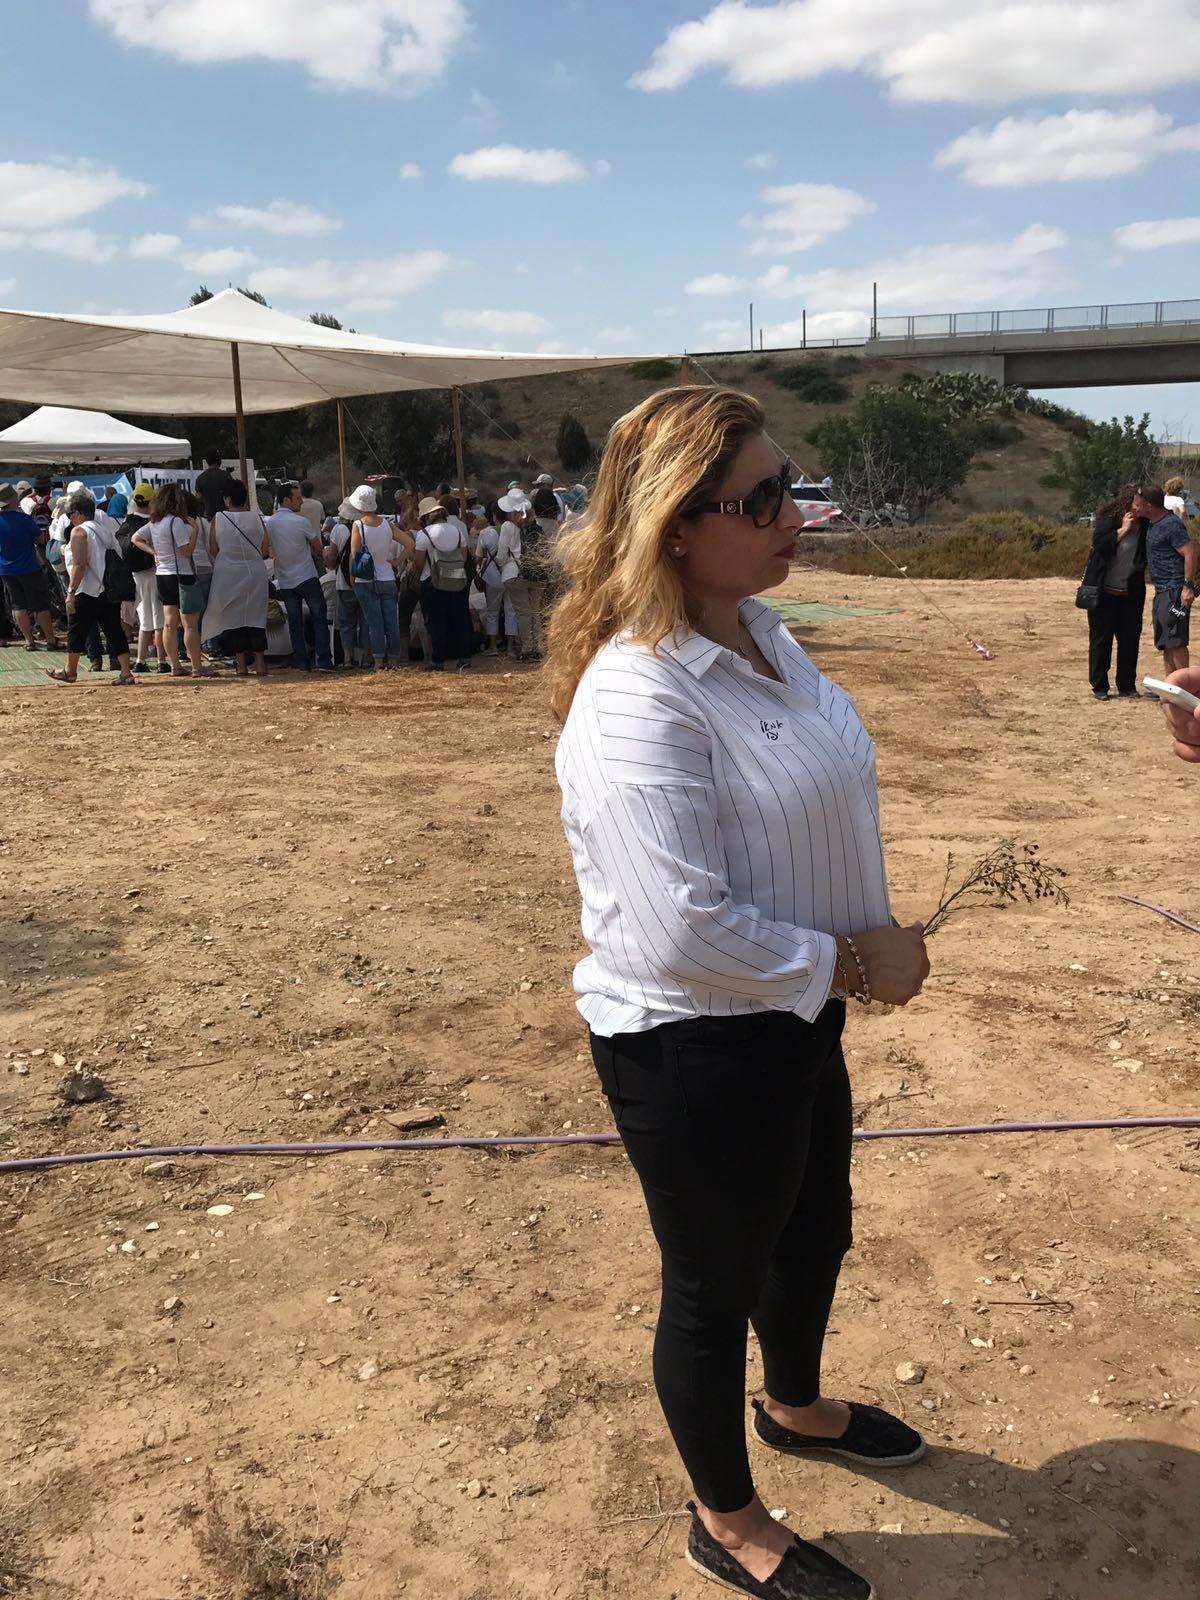 مسيرة السلام  تنطلق من سديروت بالجنوب لتجوب البلاد خلال 16 يومًا